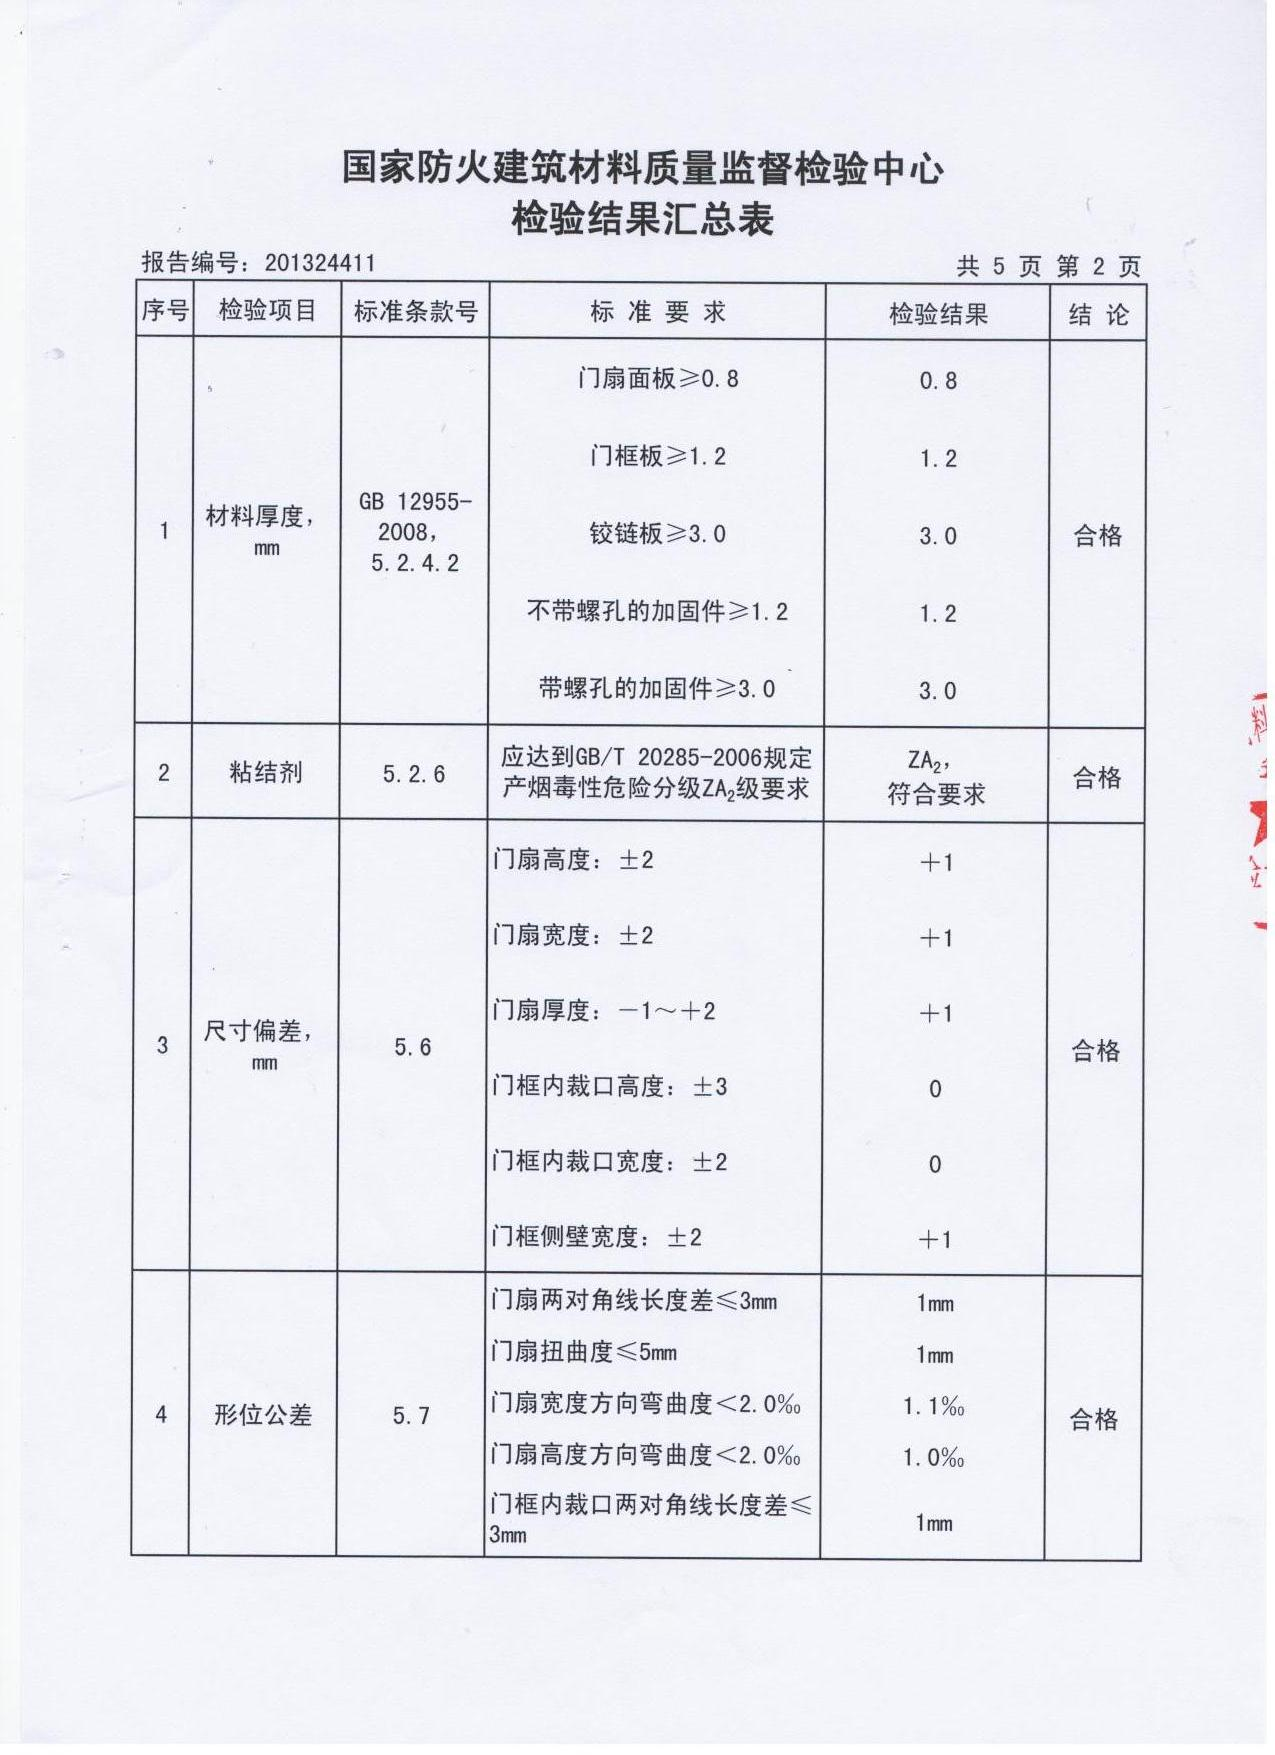 钢质防火门乙-1证书